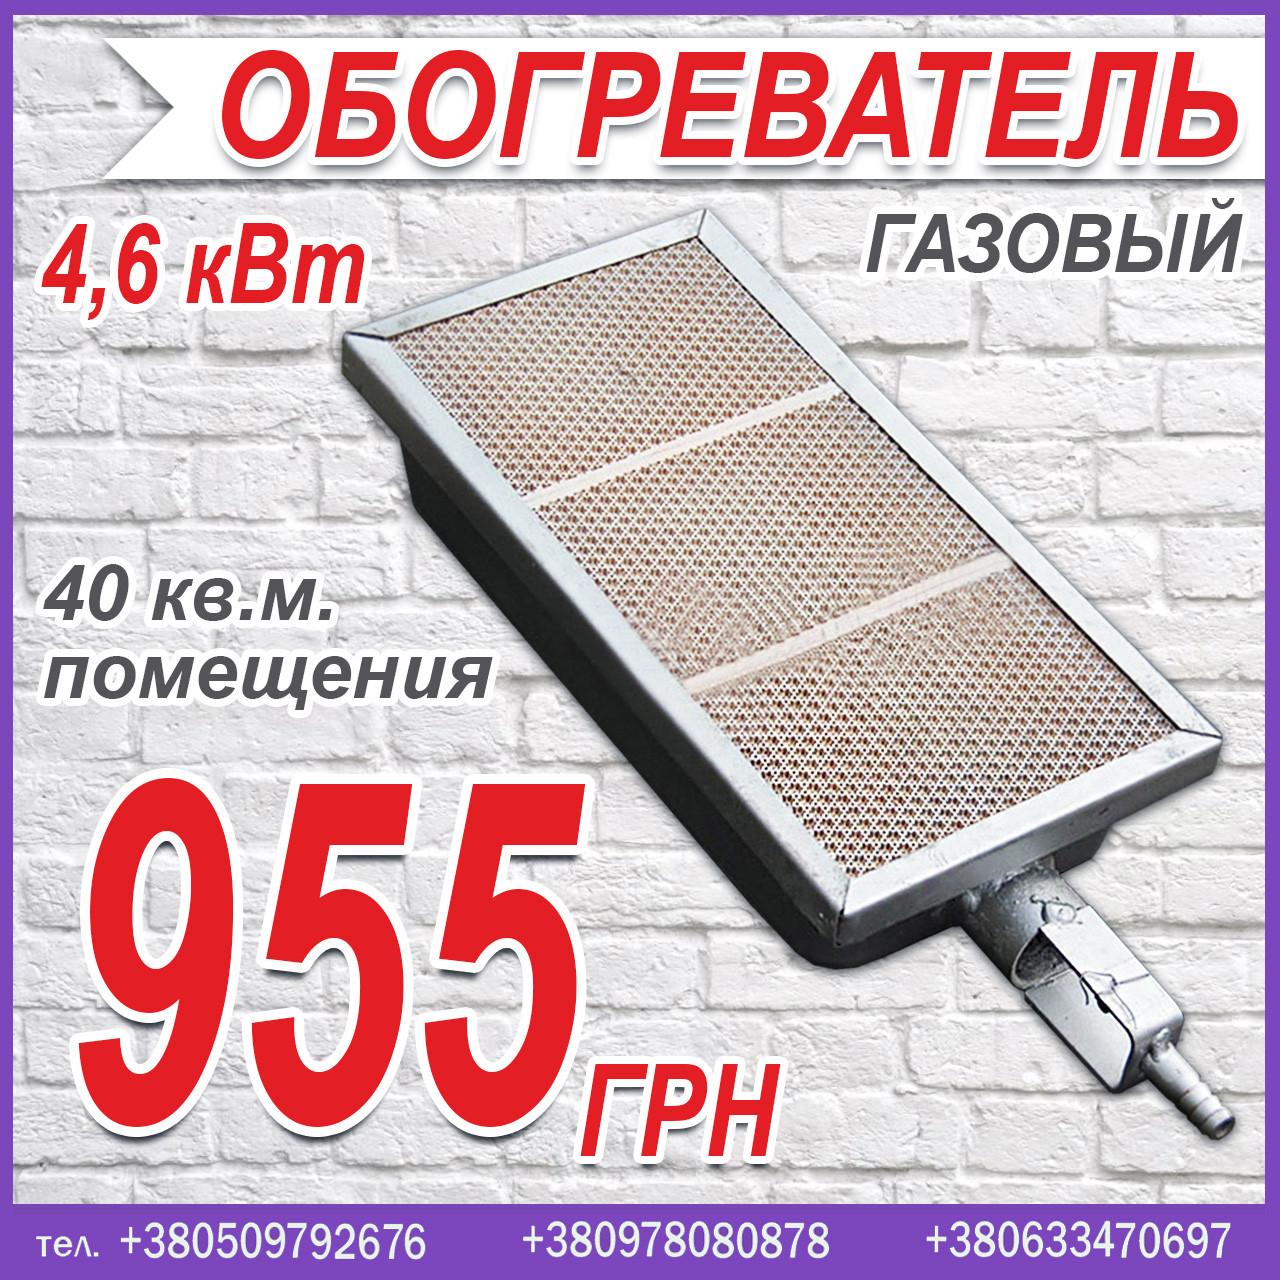 Горелка газовая 4.6 кВт (пропан и природный газ)